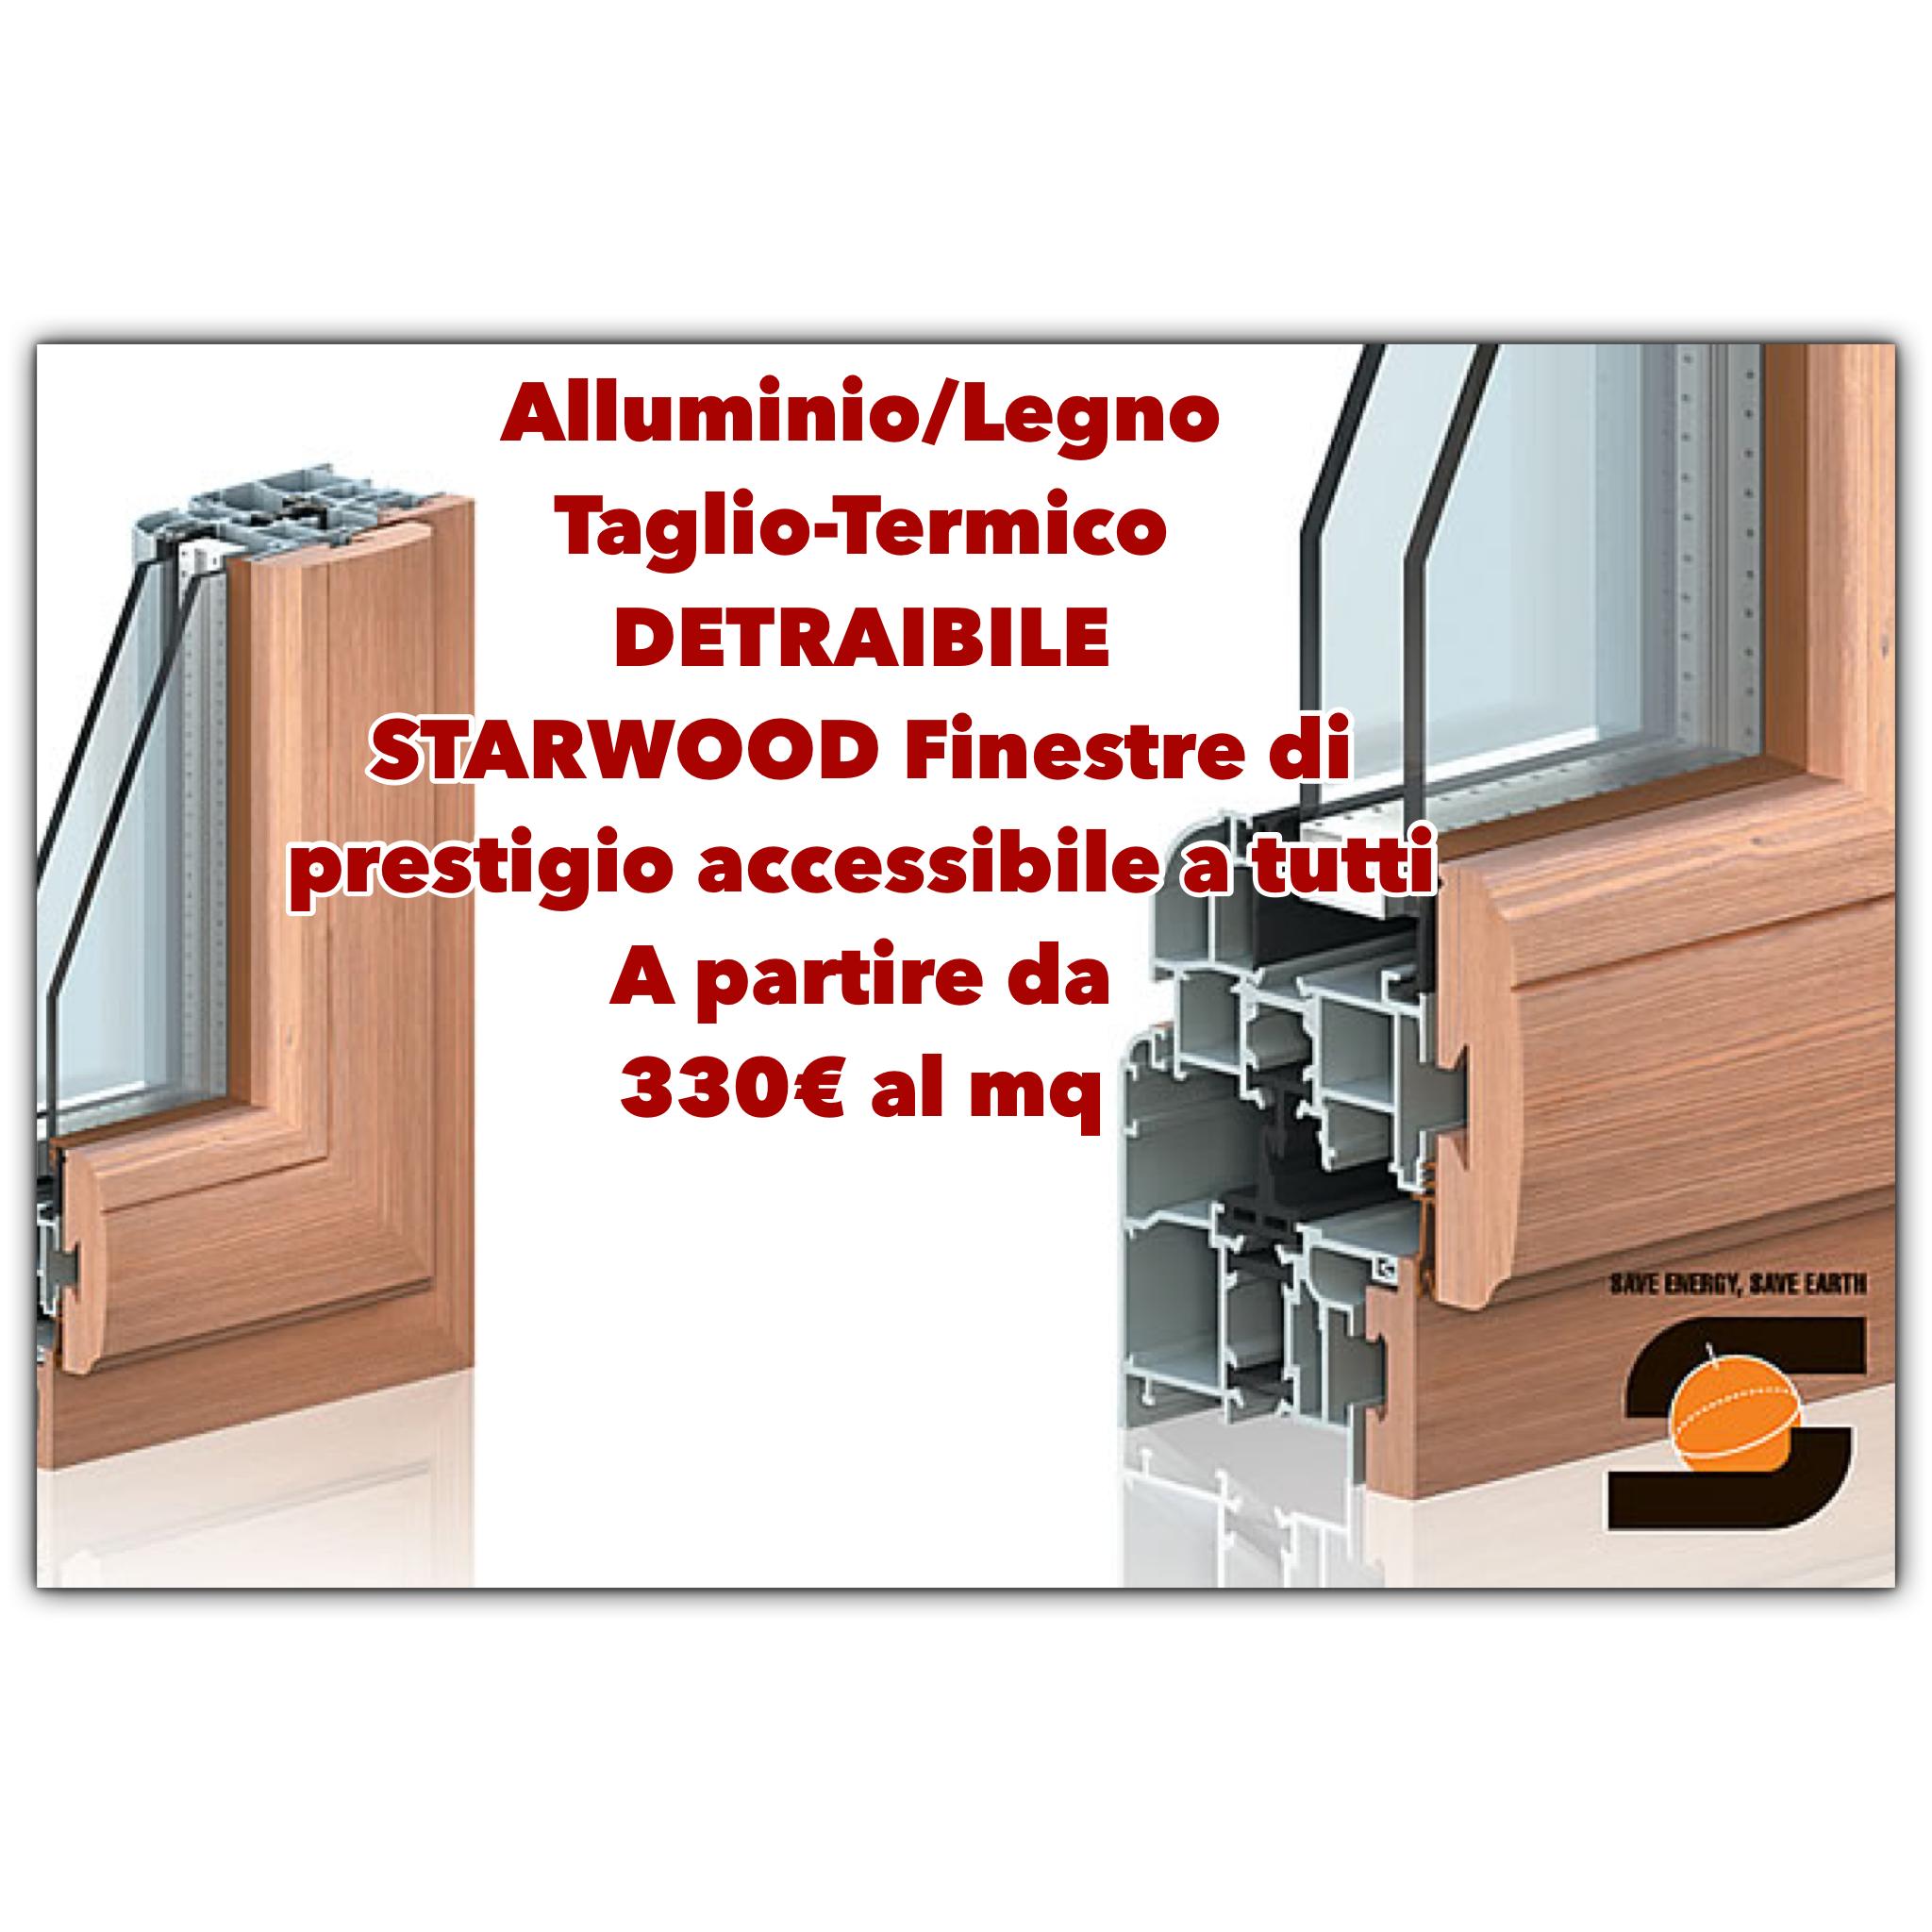 Offerte produzione e vendita di infissi e finestre for Finestre a taglio termico prezzi